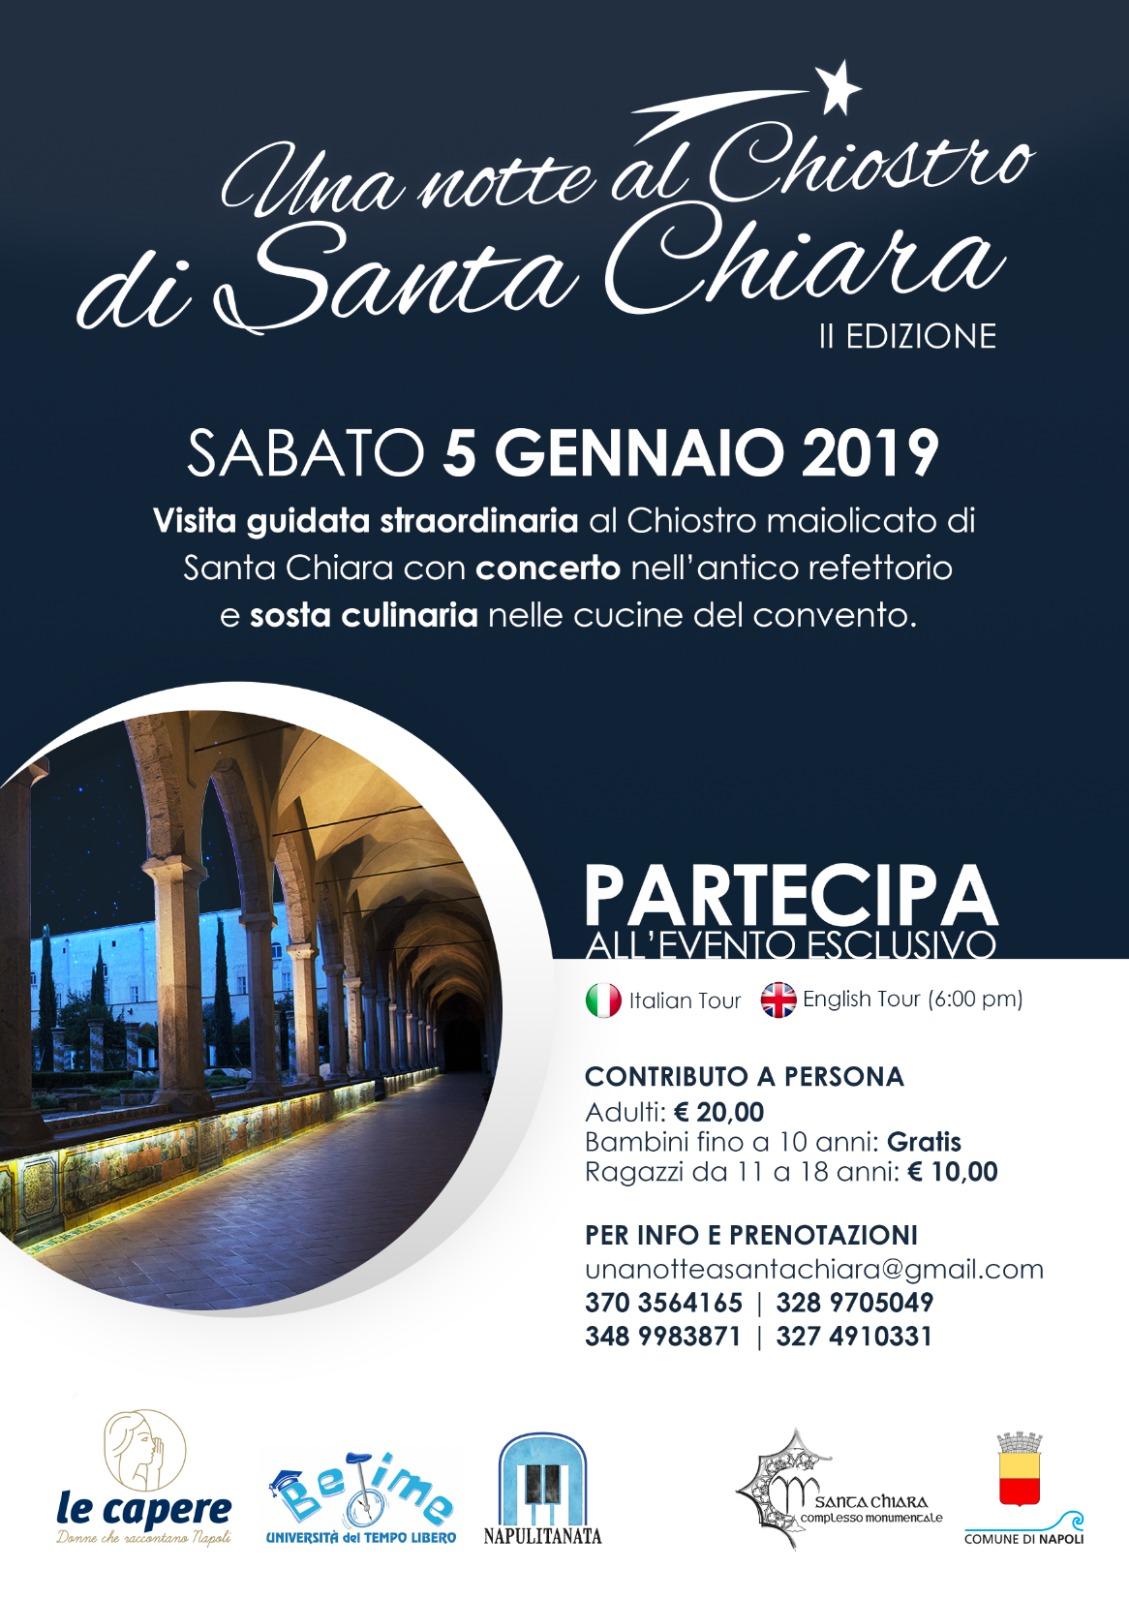 Una notte al Chiostro di Santa Chiara: tra arte, cibo e musica!